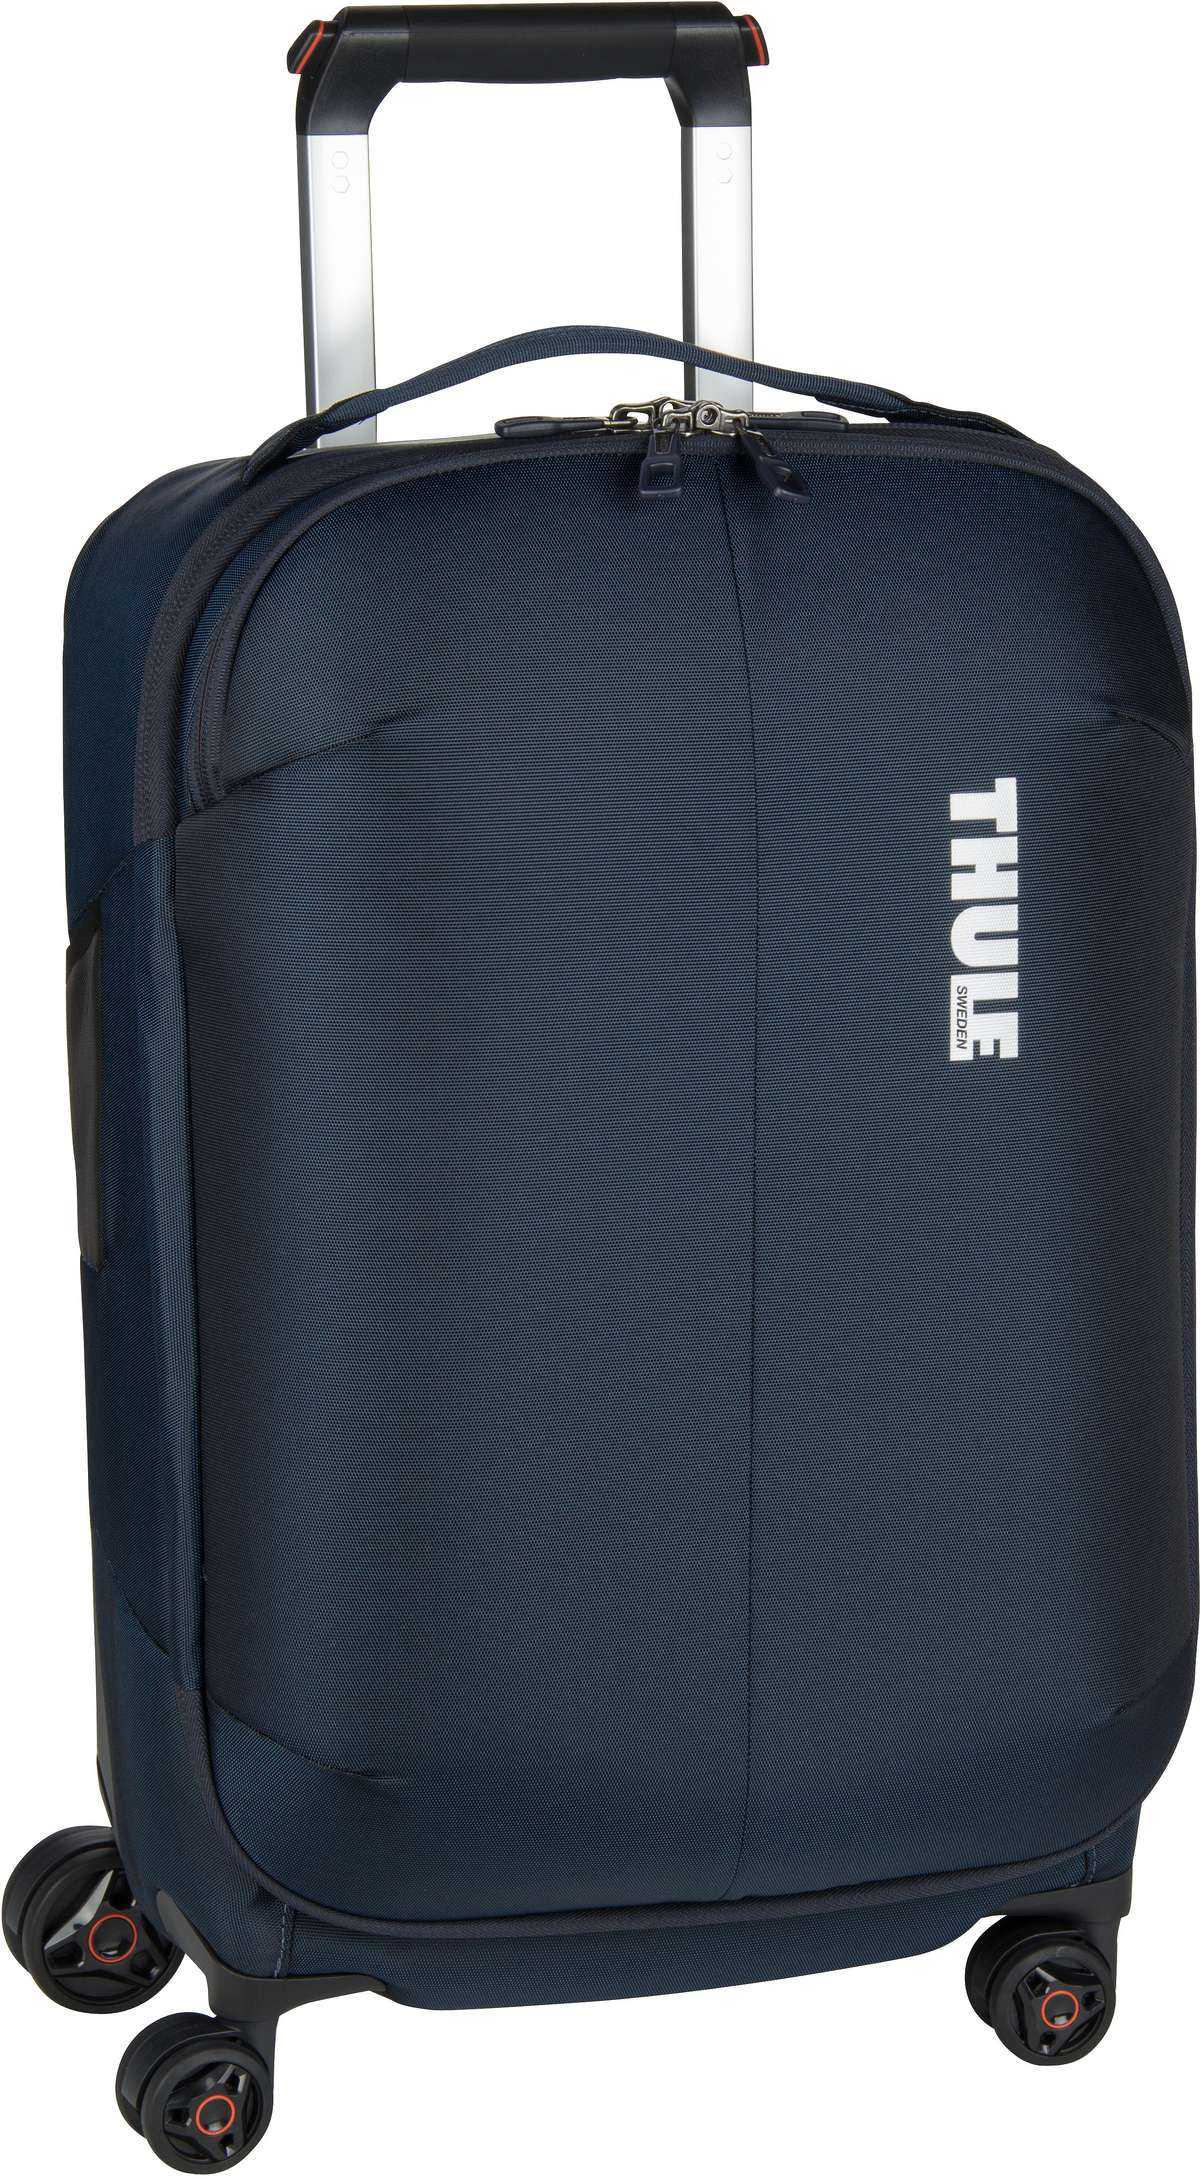 Reisegepaeck für Frauen - Thule Trolley Koffer Subterra Carry On Spinner Mineral (33 Liter)  - Onlineshop Taschenkaufhaus